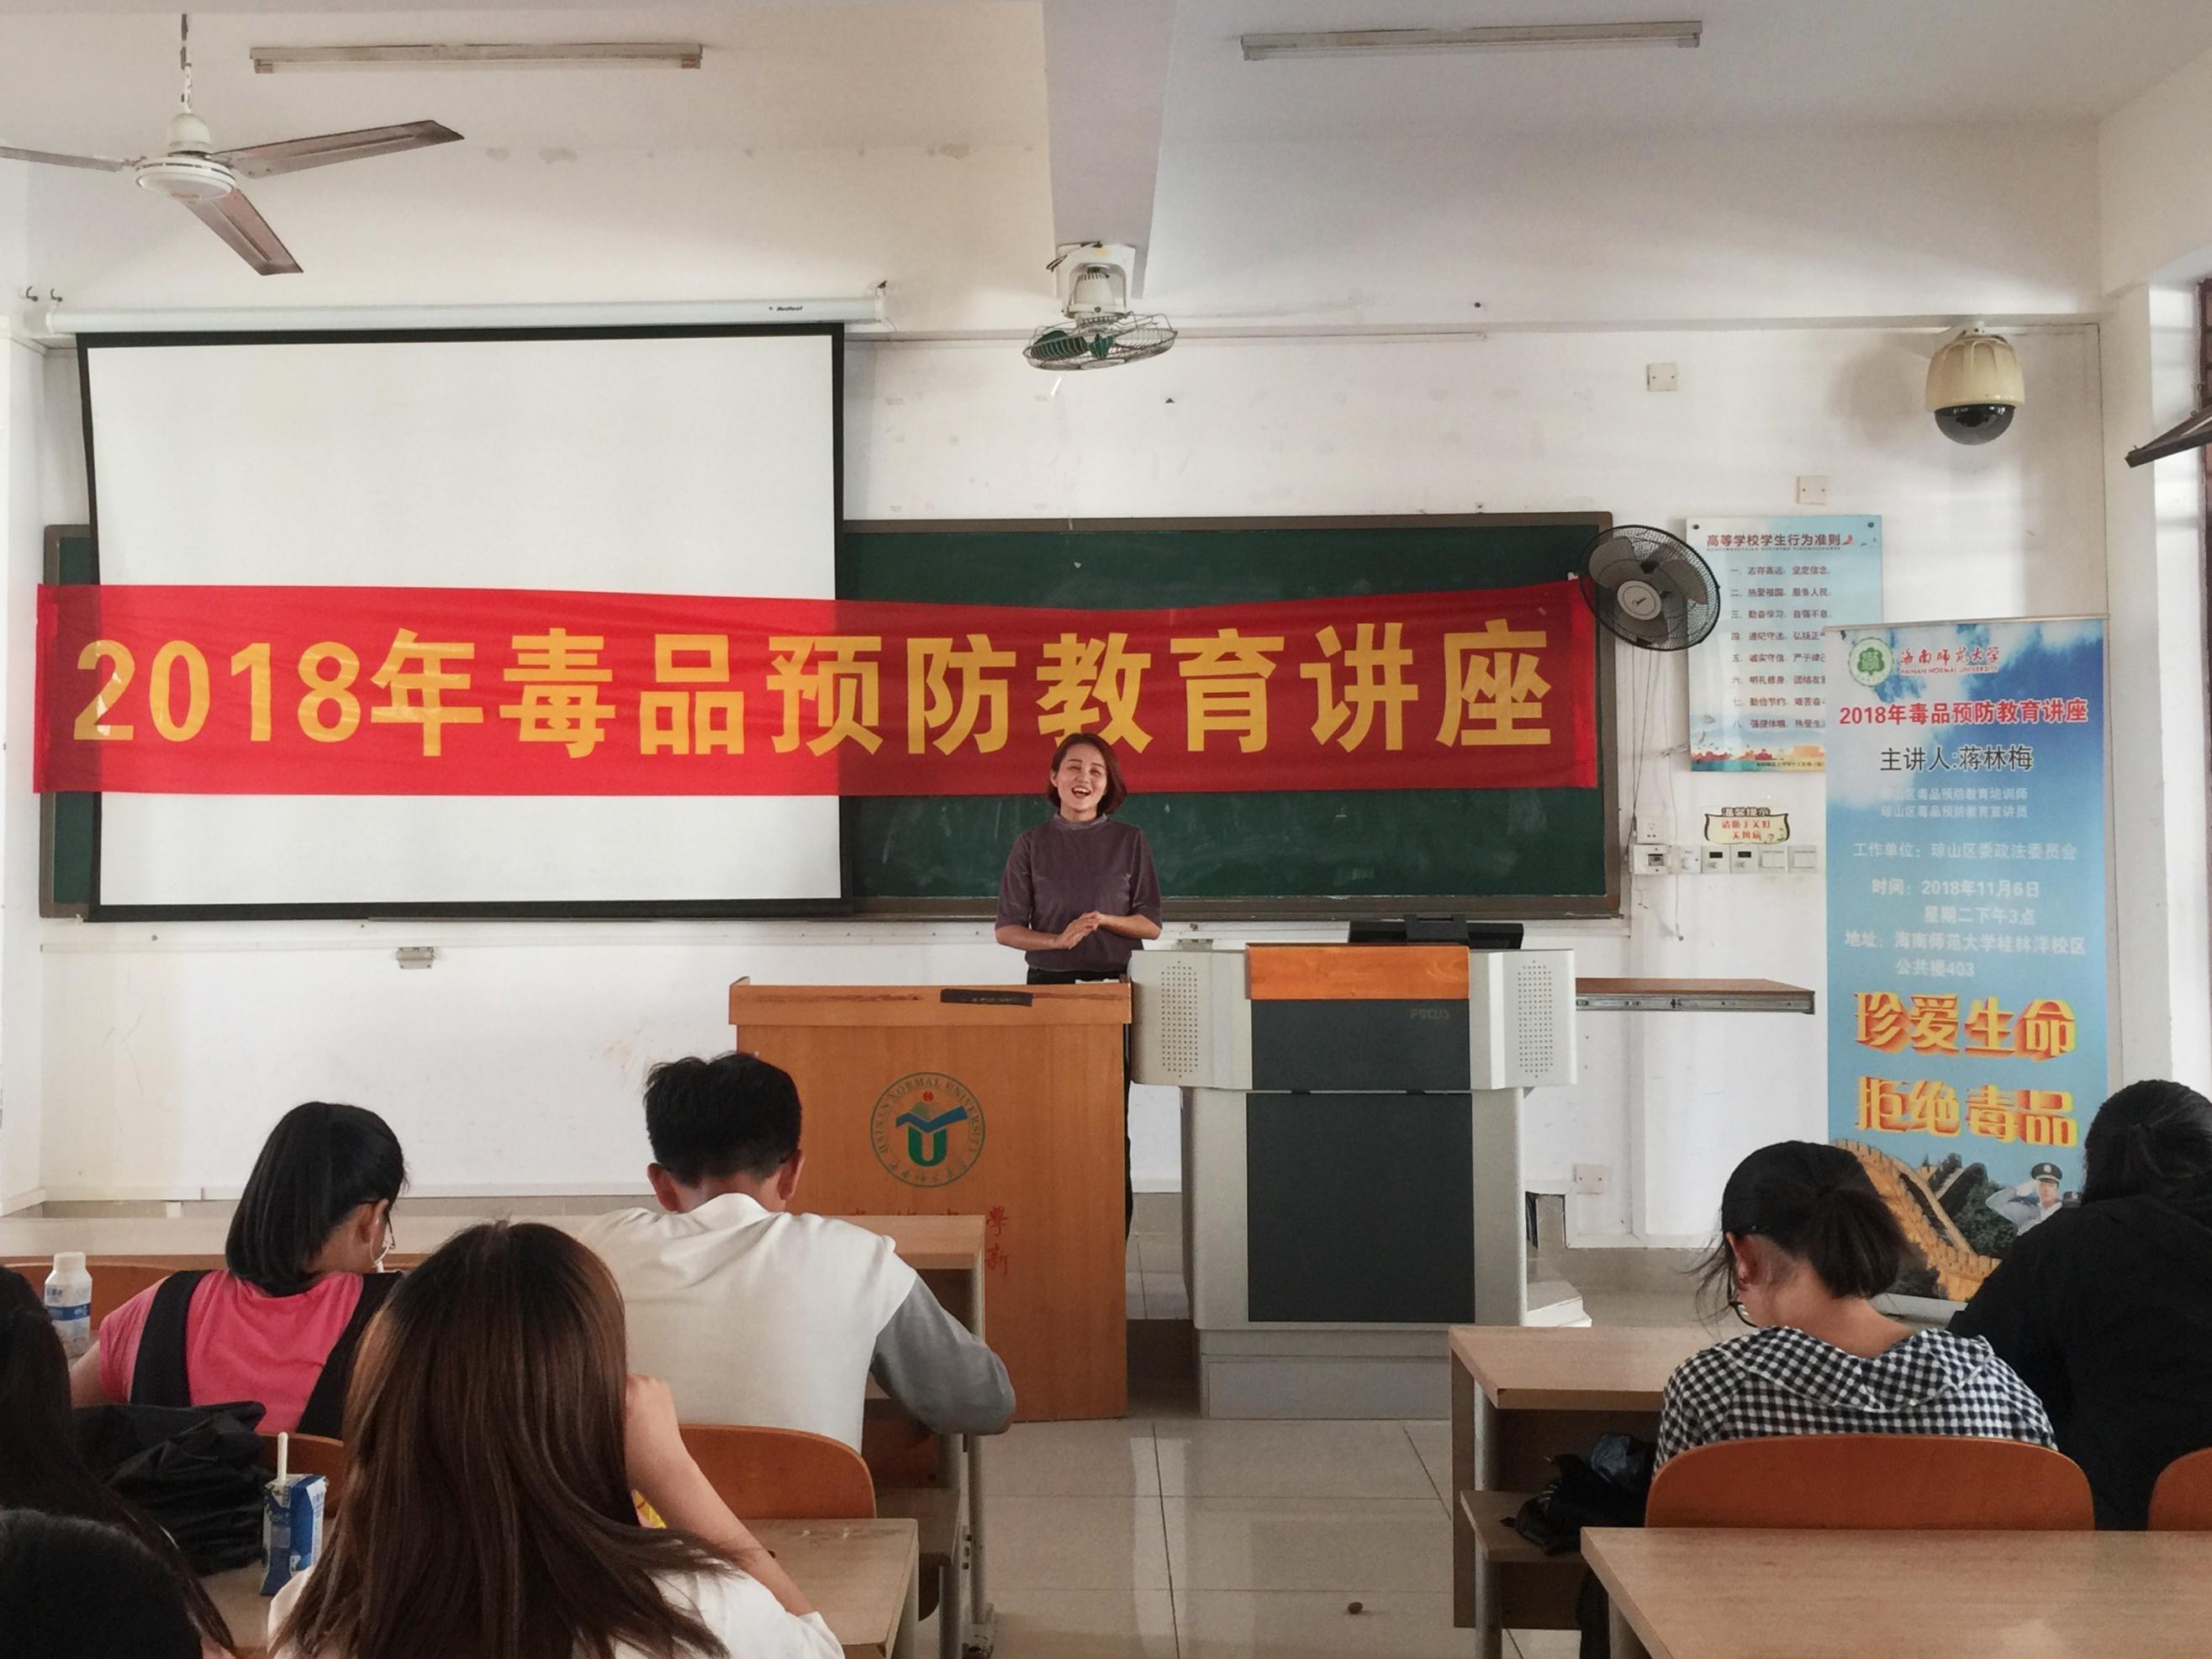 365bet亚洲官网网址举办毒品预防教育讲座